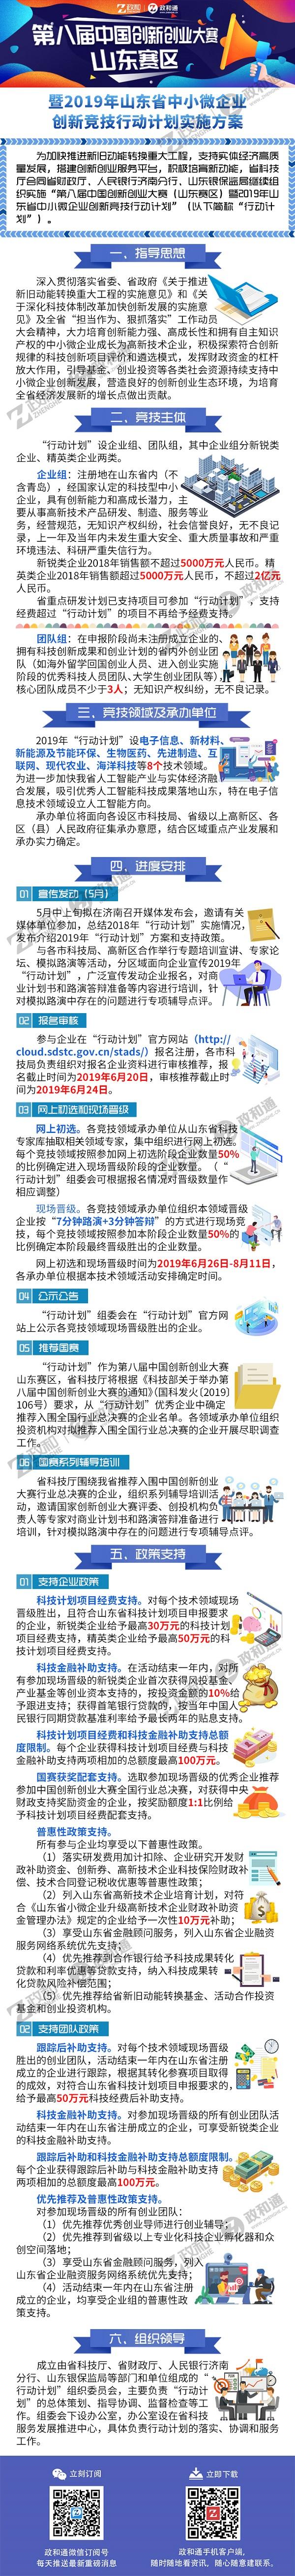 政和通 第八届中国创新创业大赛.jpg